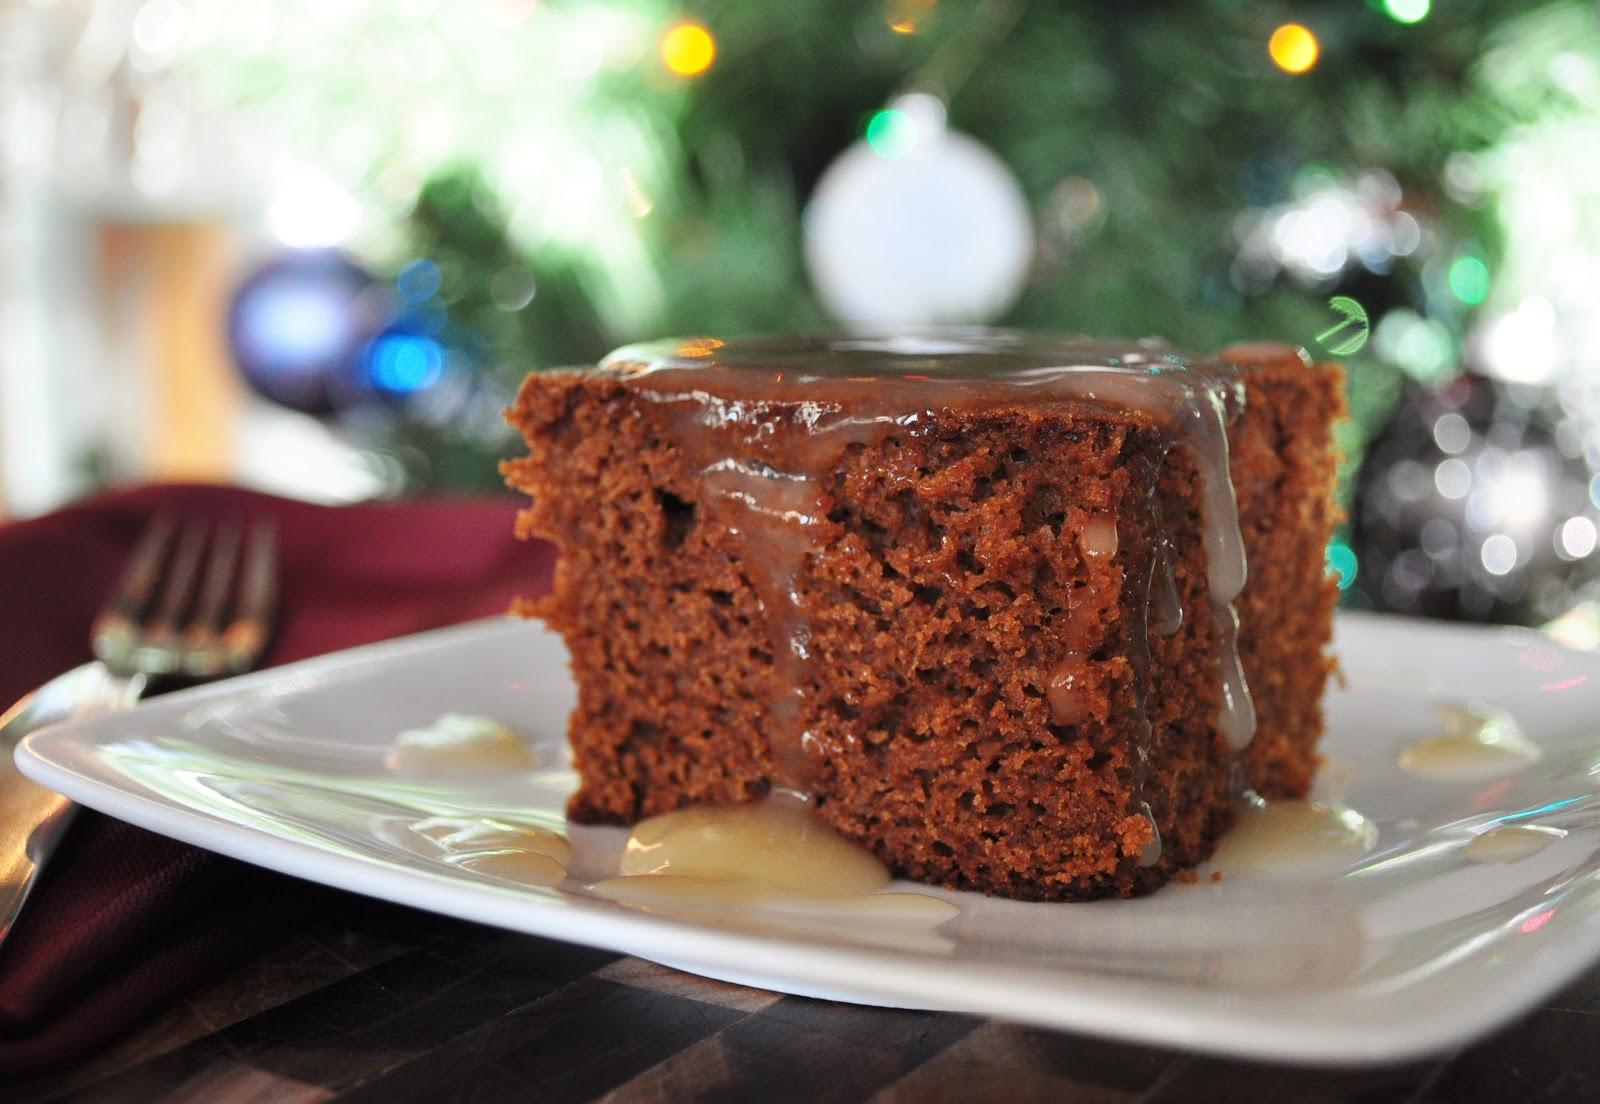 Lemon Sauce Recipe For Molasses Cake